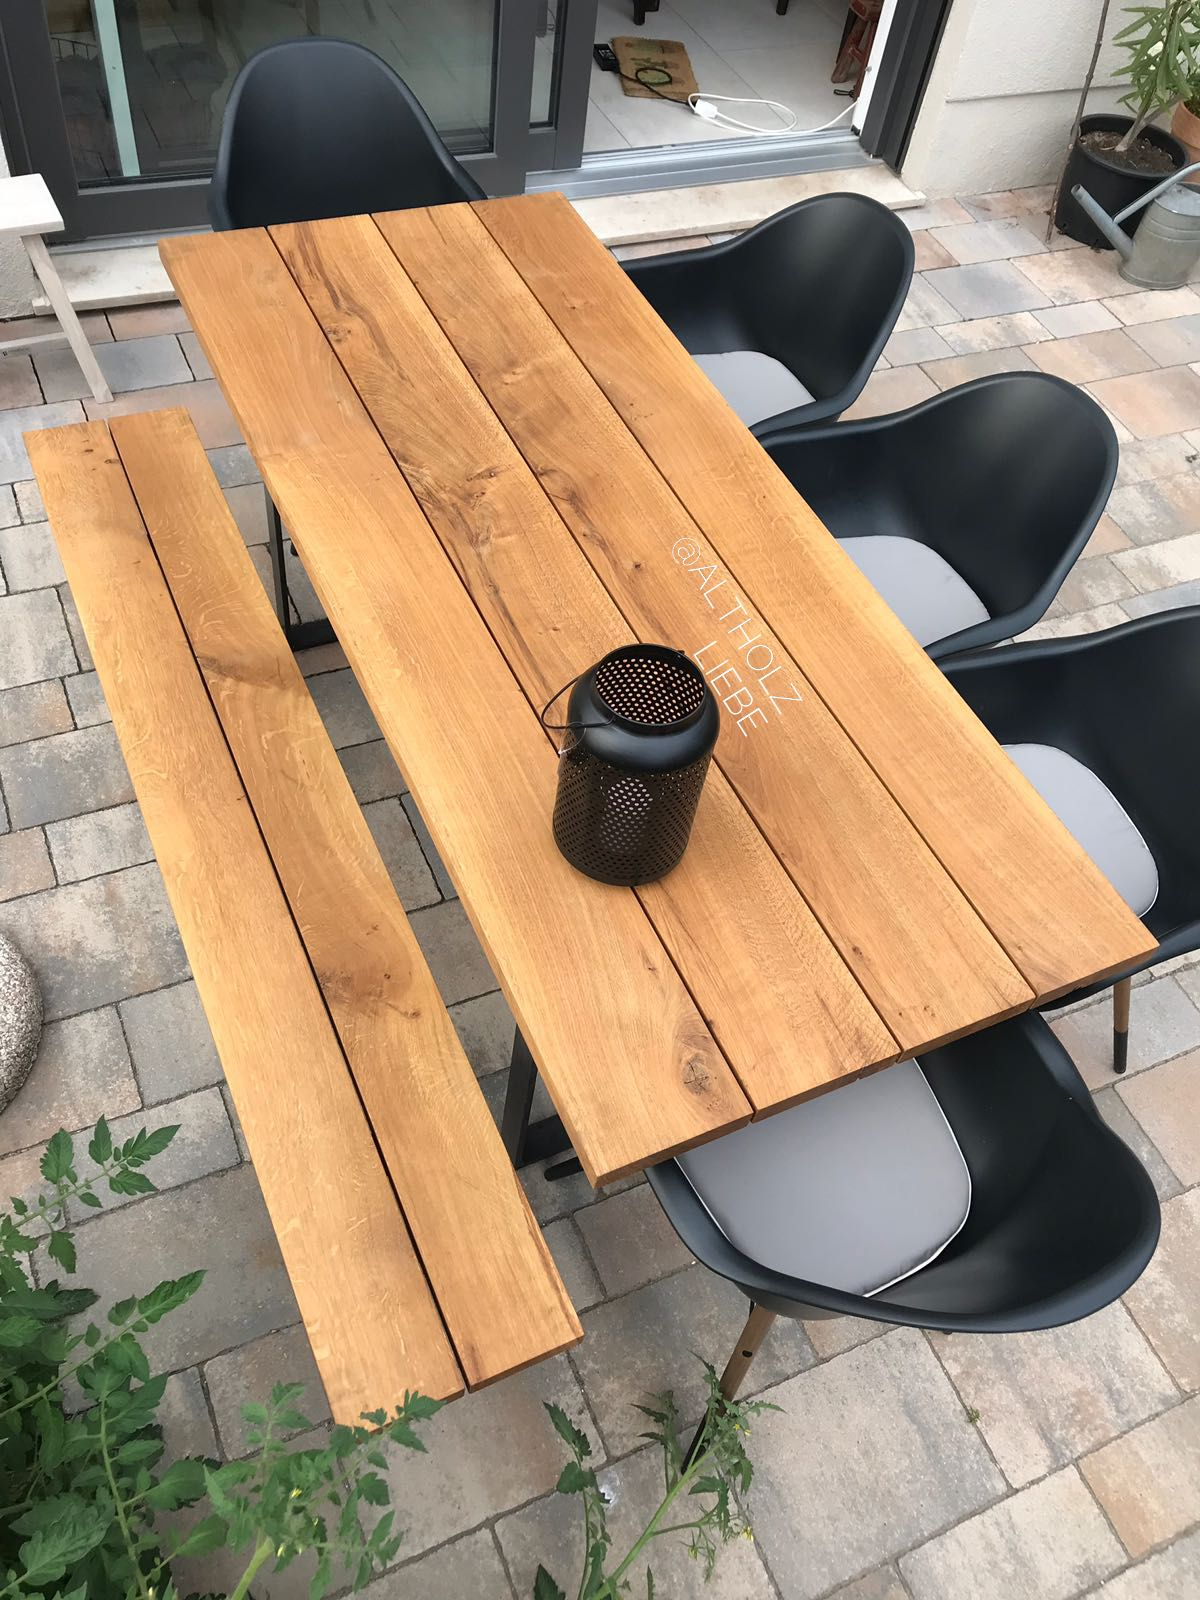 Gartentisch Esstisch Eiche Eiche Massiv Handmade Gartentisch Holz Holztisch Garten Gartentisch